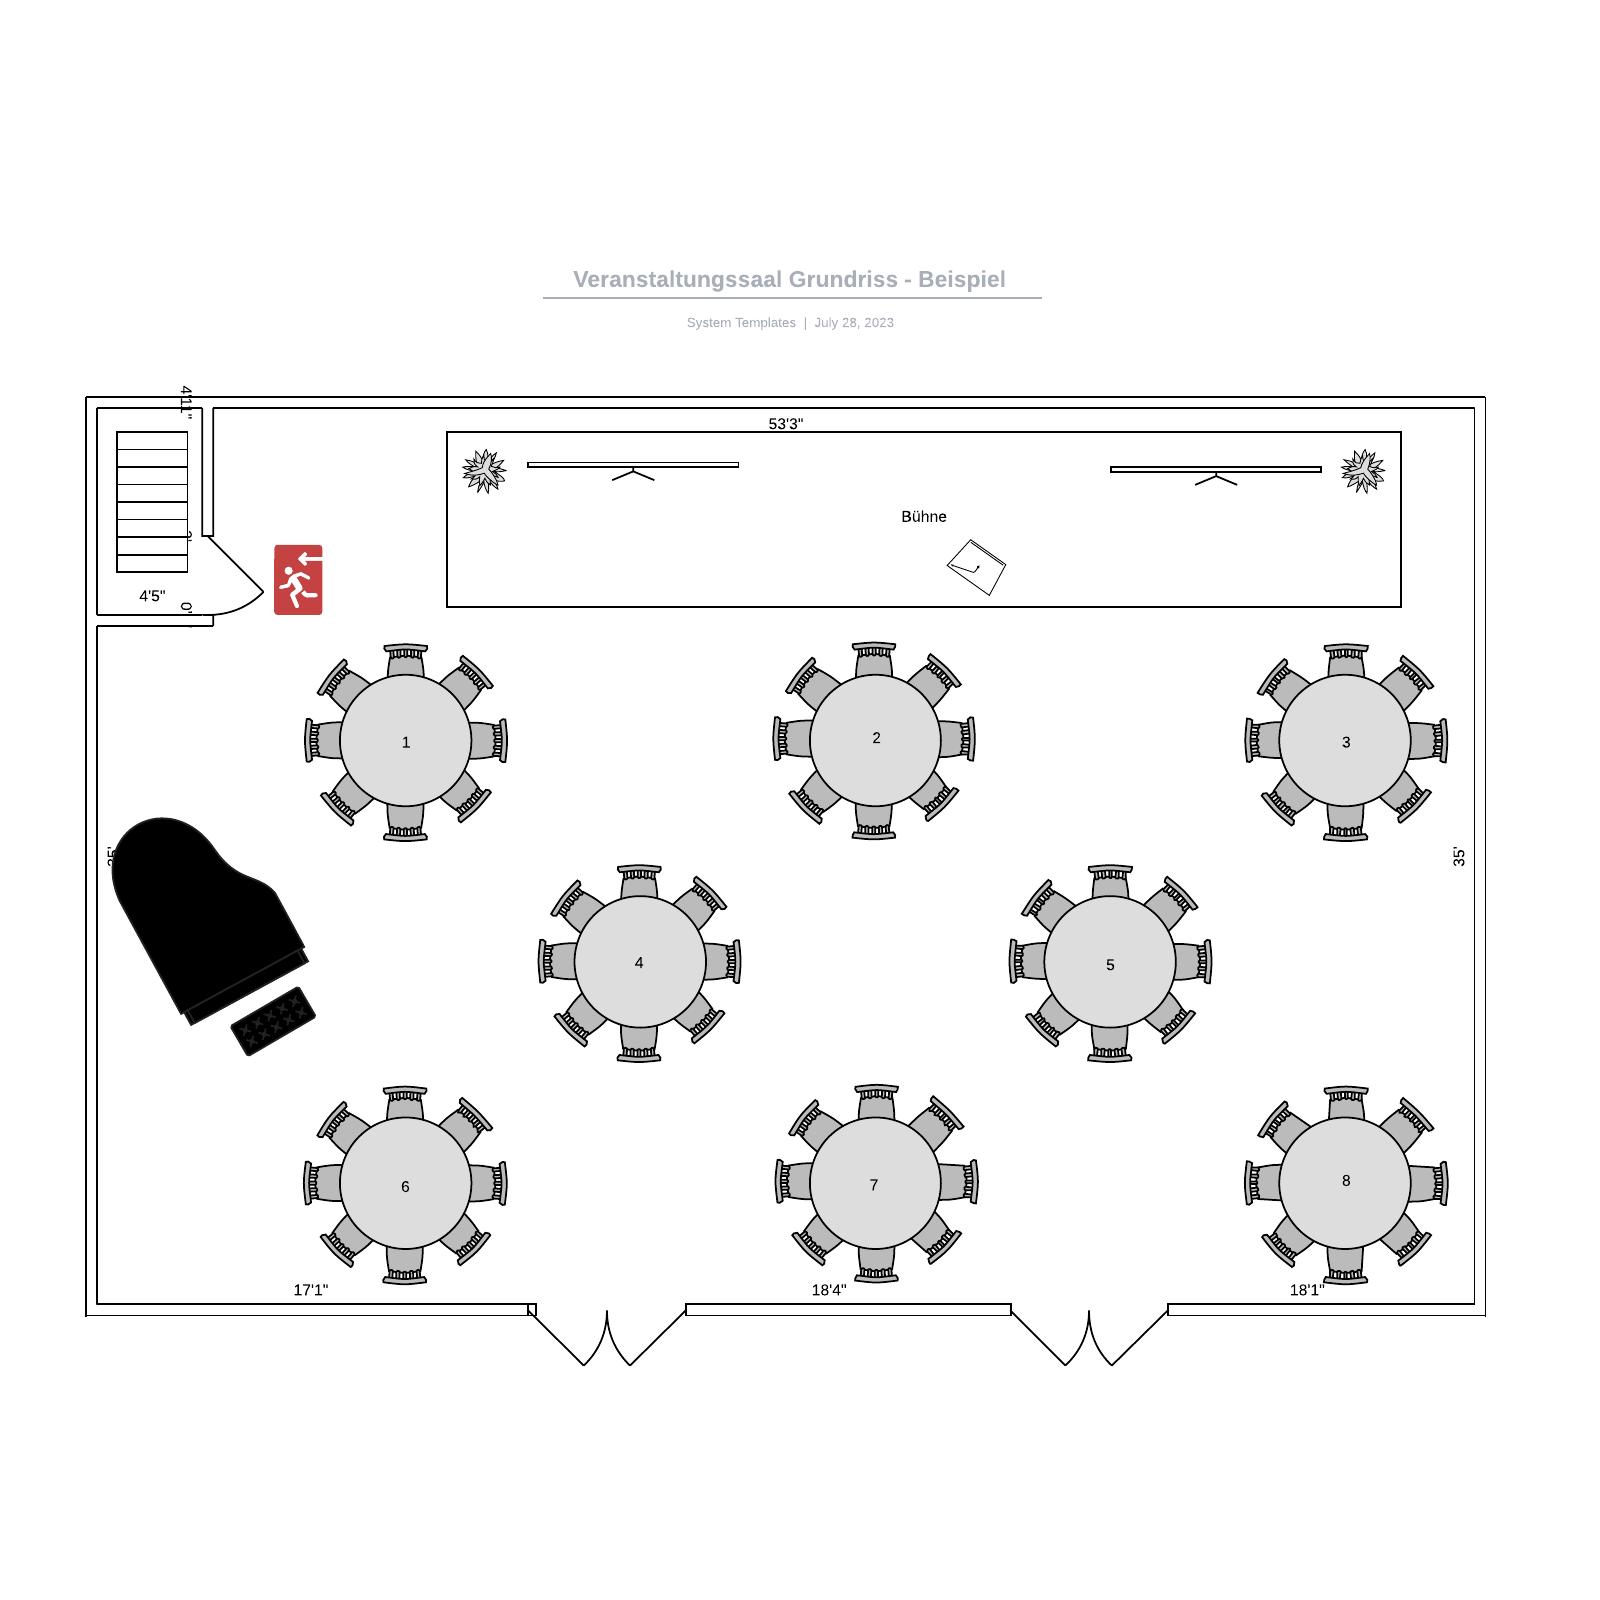 Veranstaltungssaal Grundriss - Beispiel